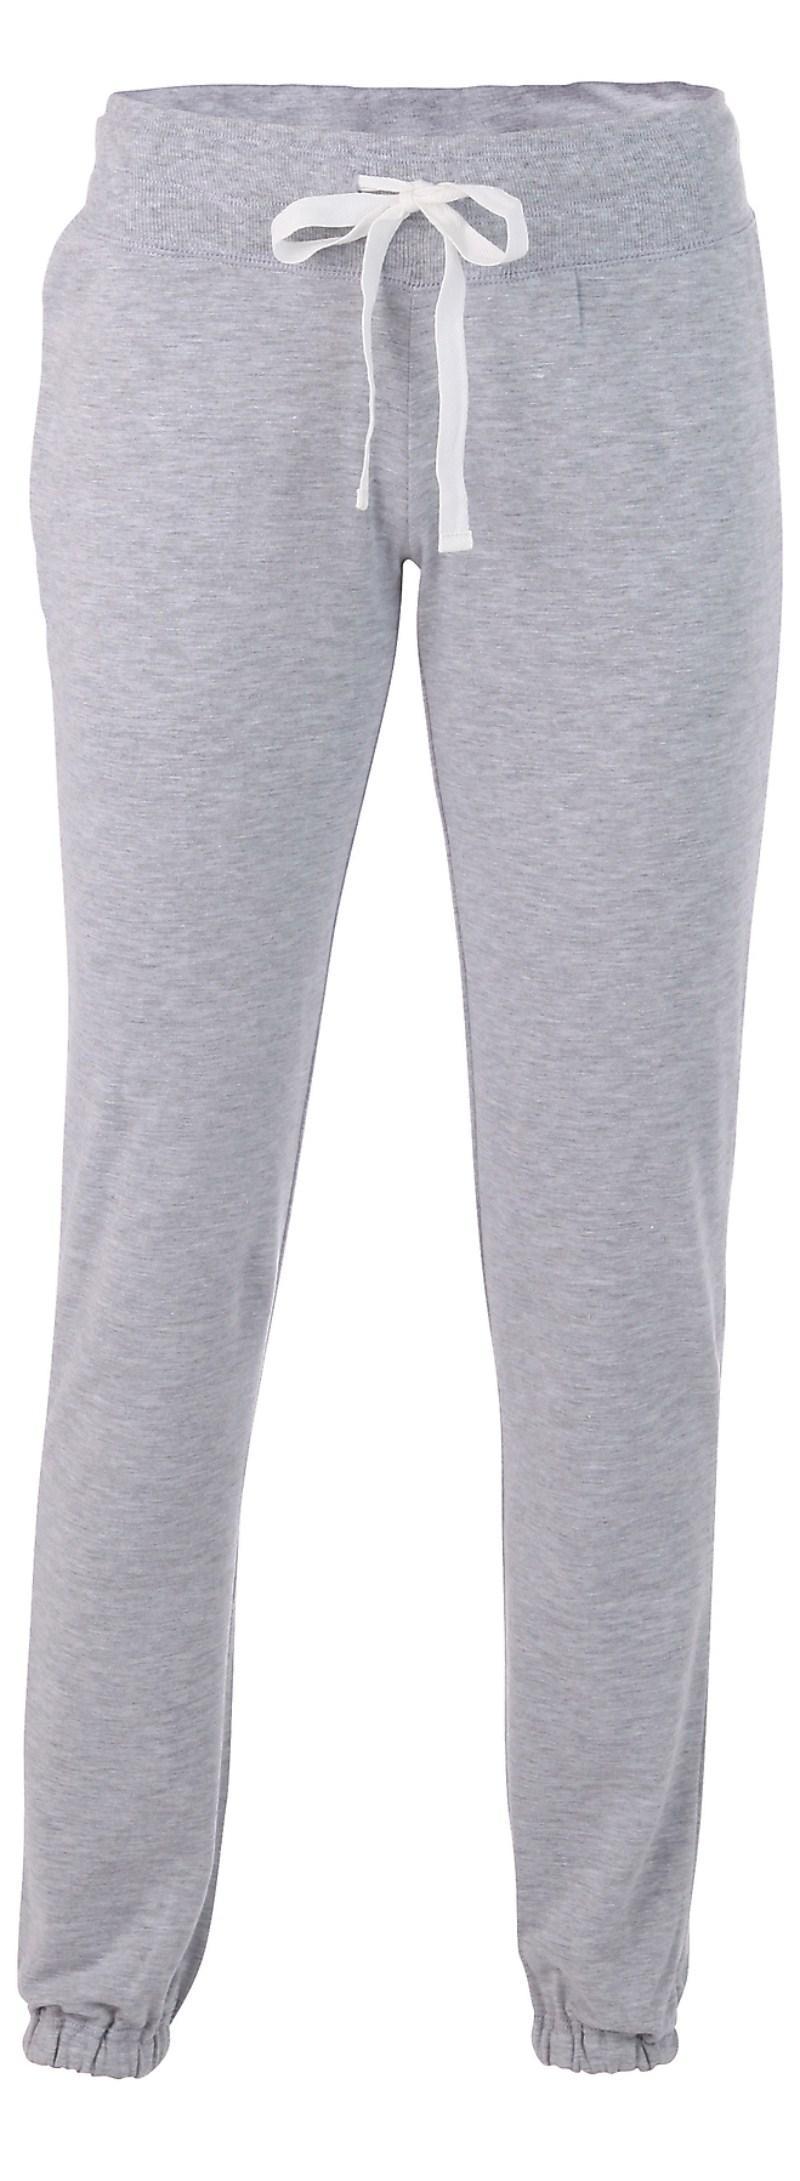 szare spodnie Tally Weijl - kolekcja wiosenna